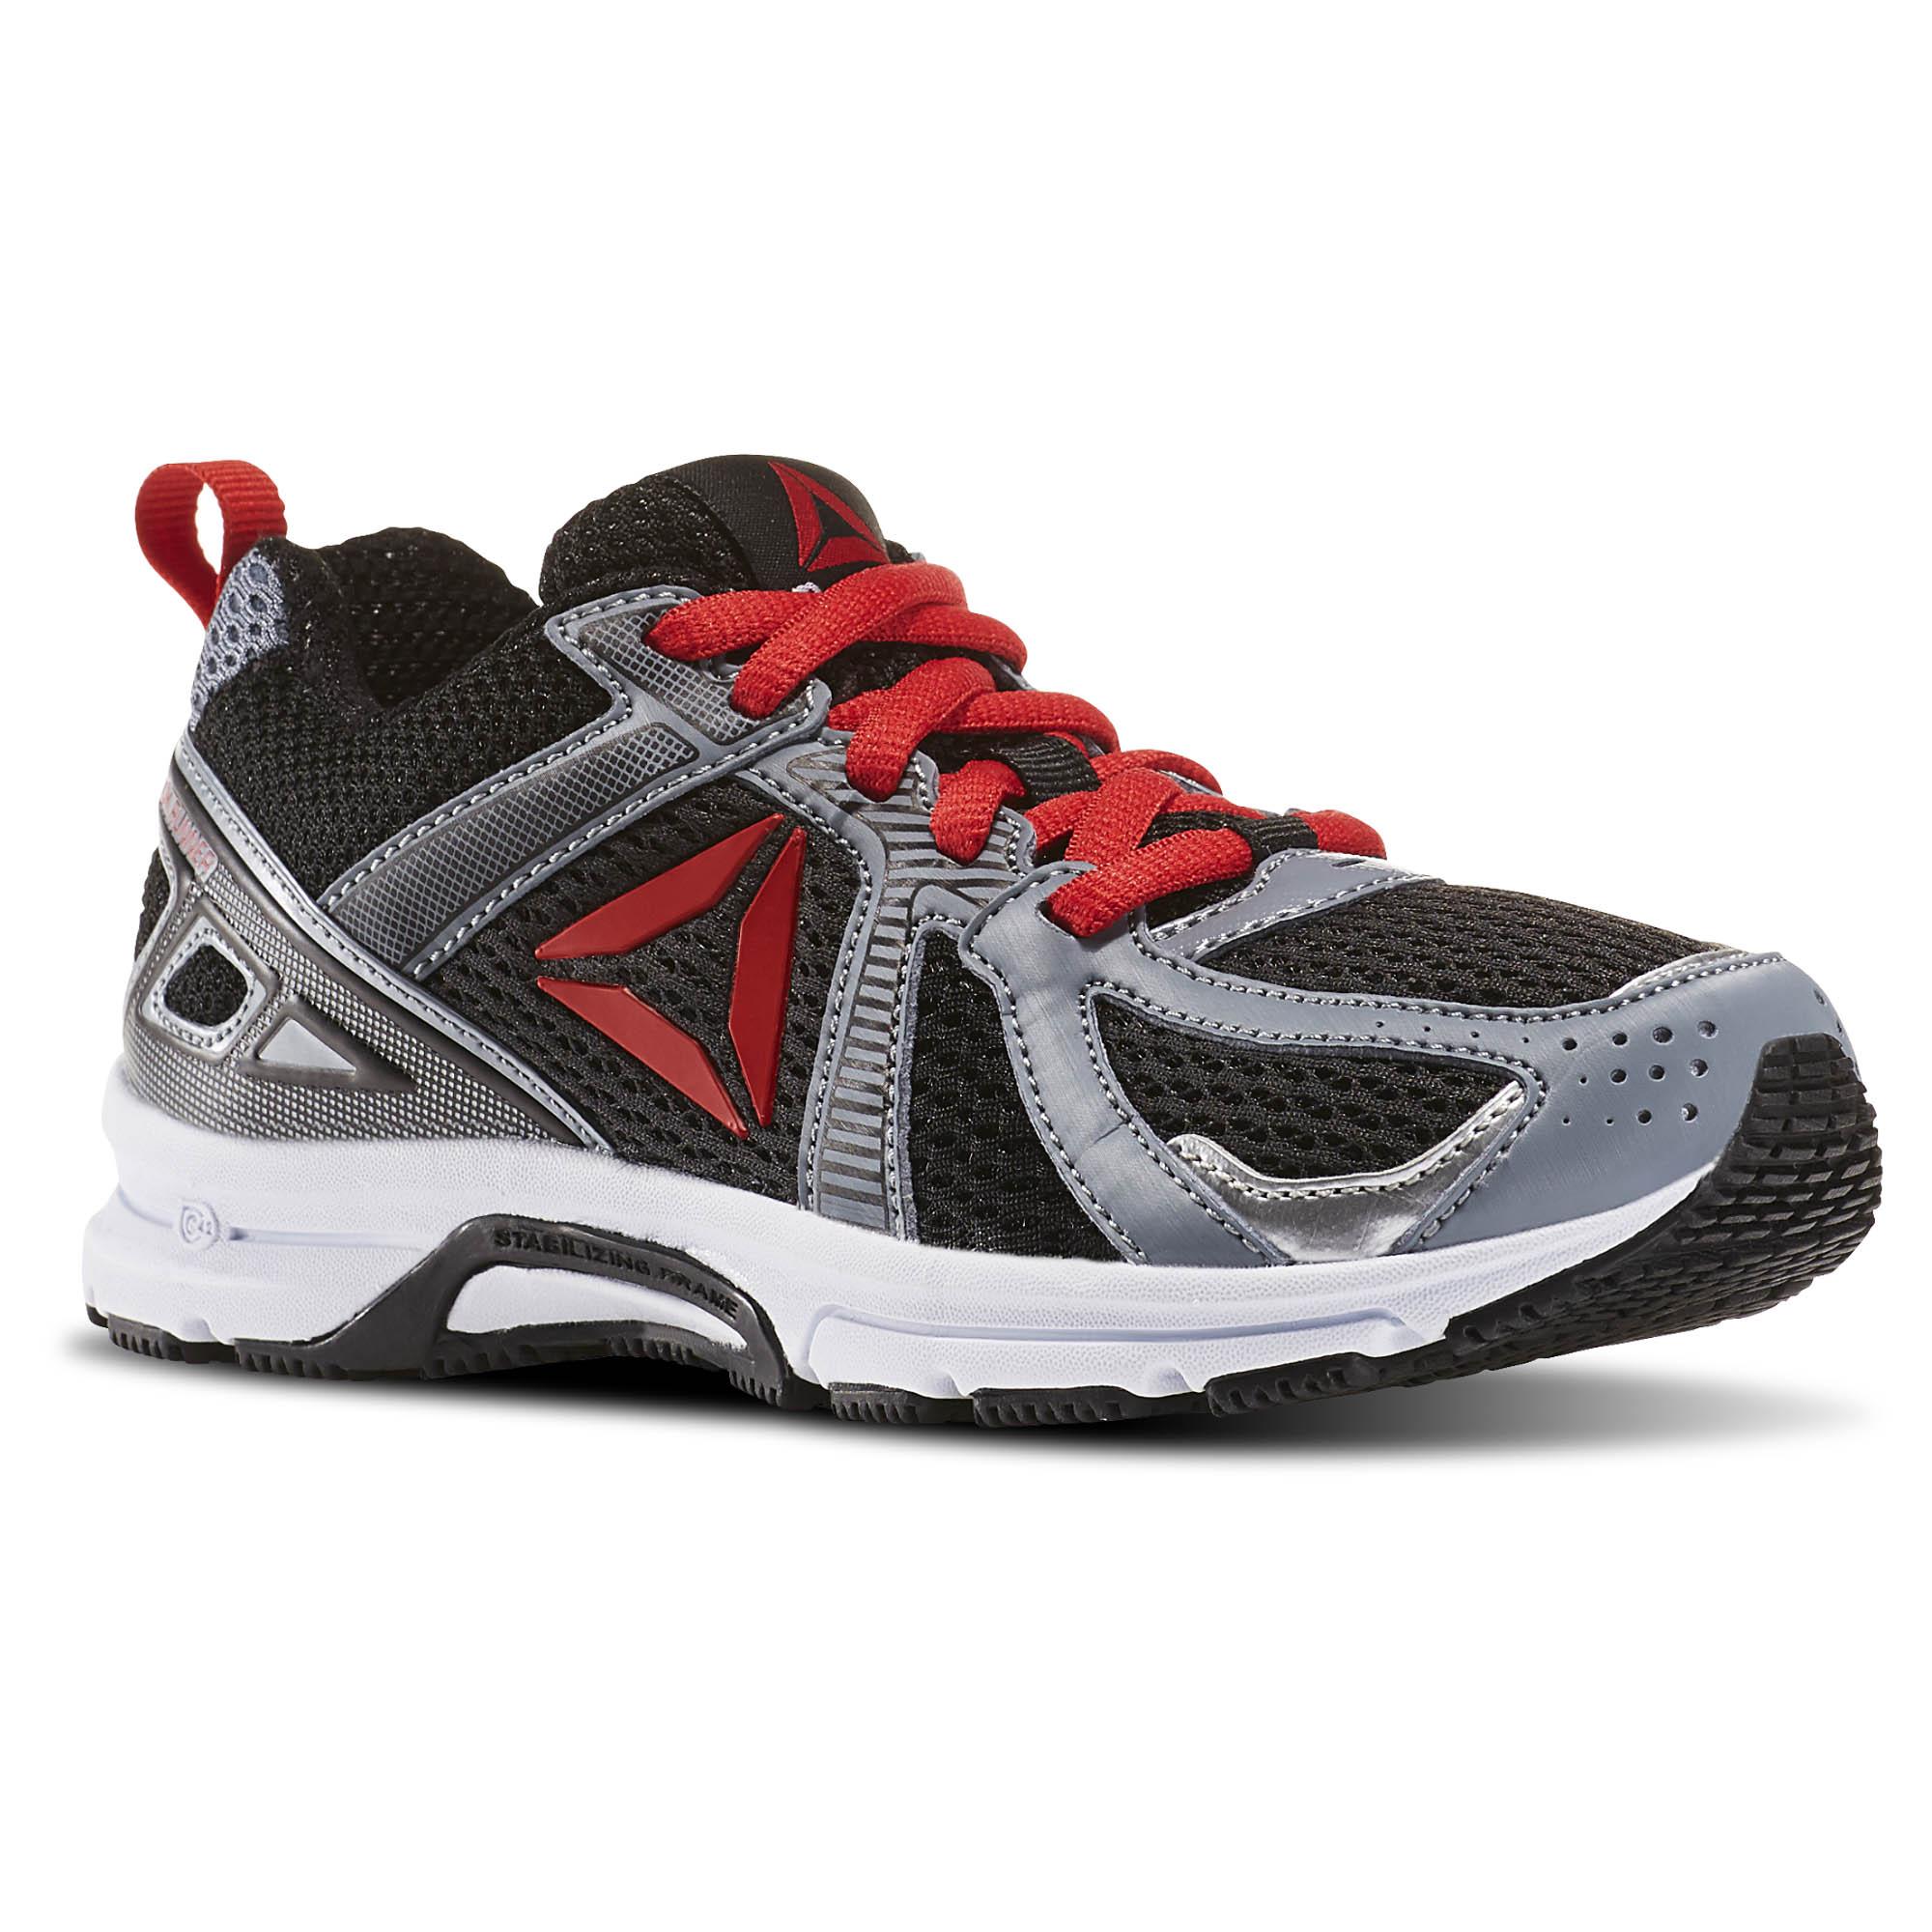 Reebok Kids shoes BOGO $0.01